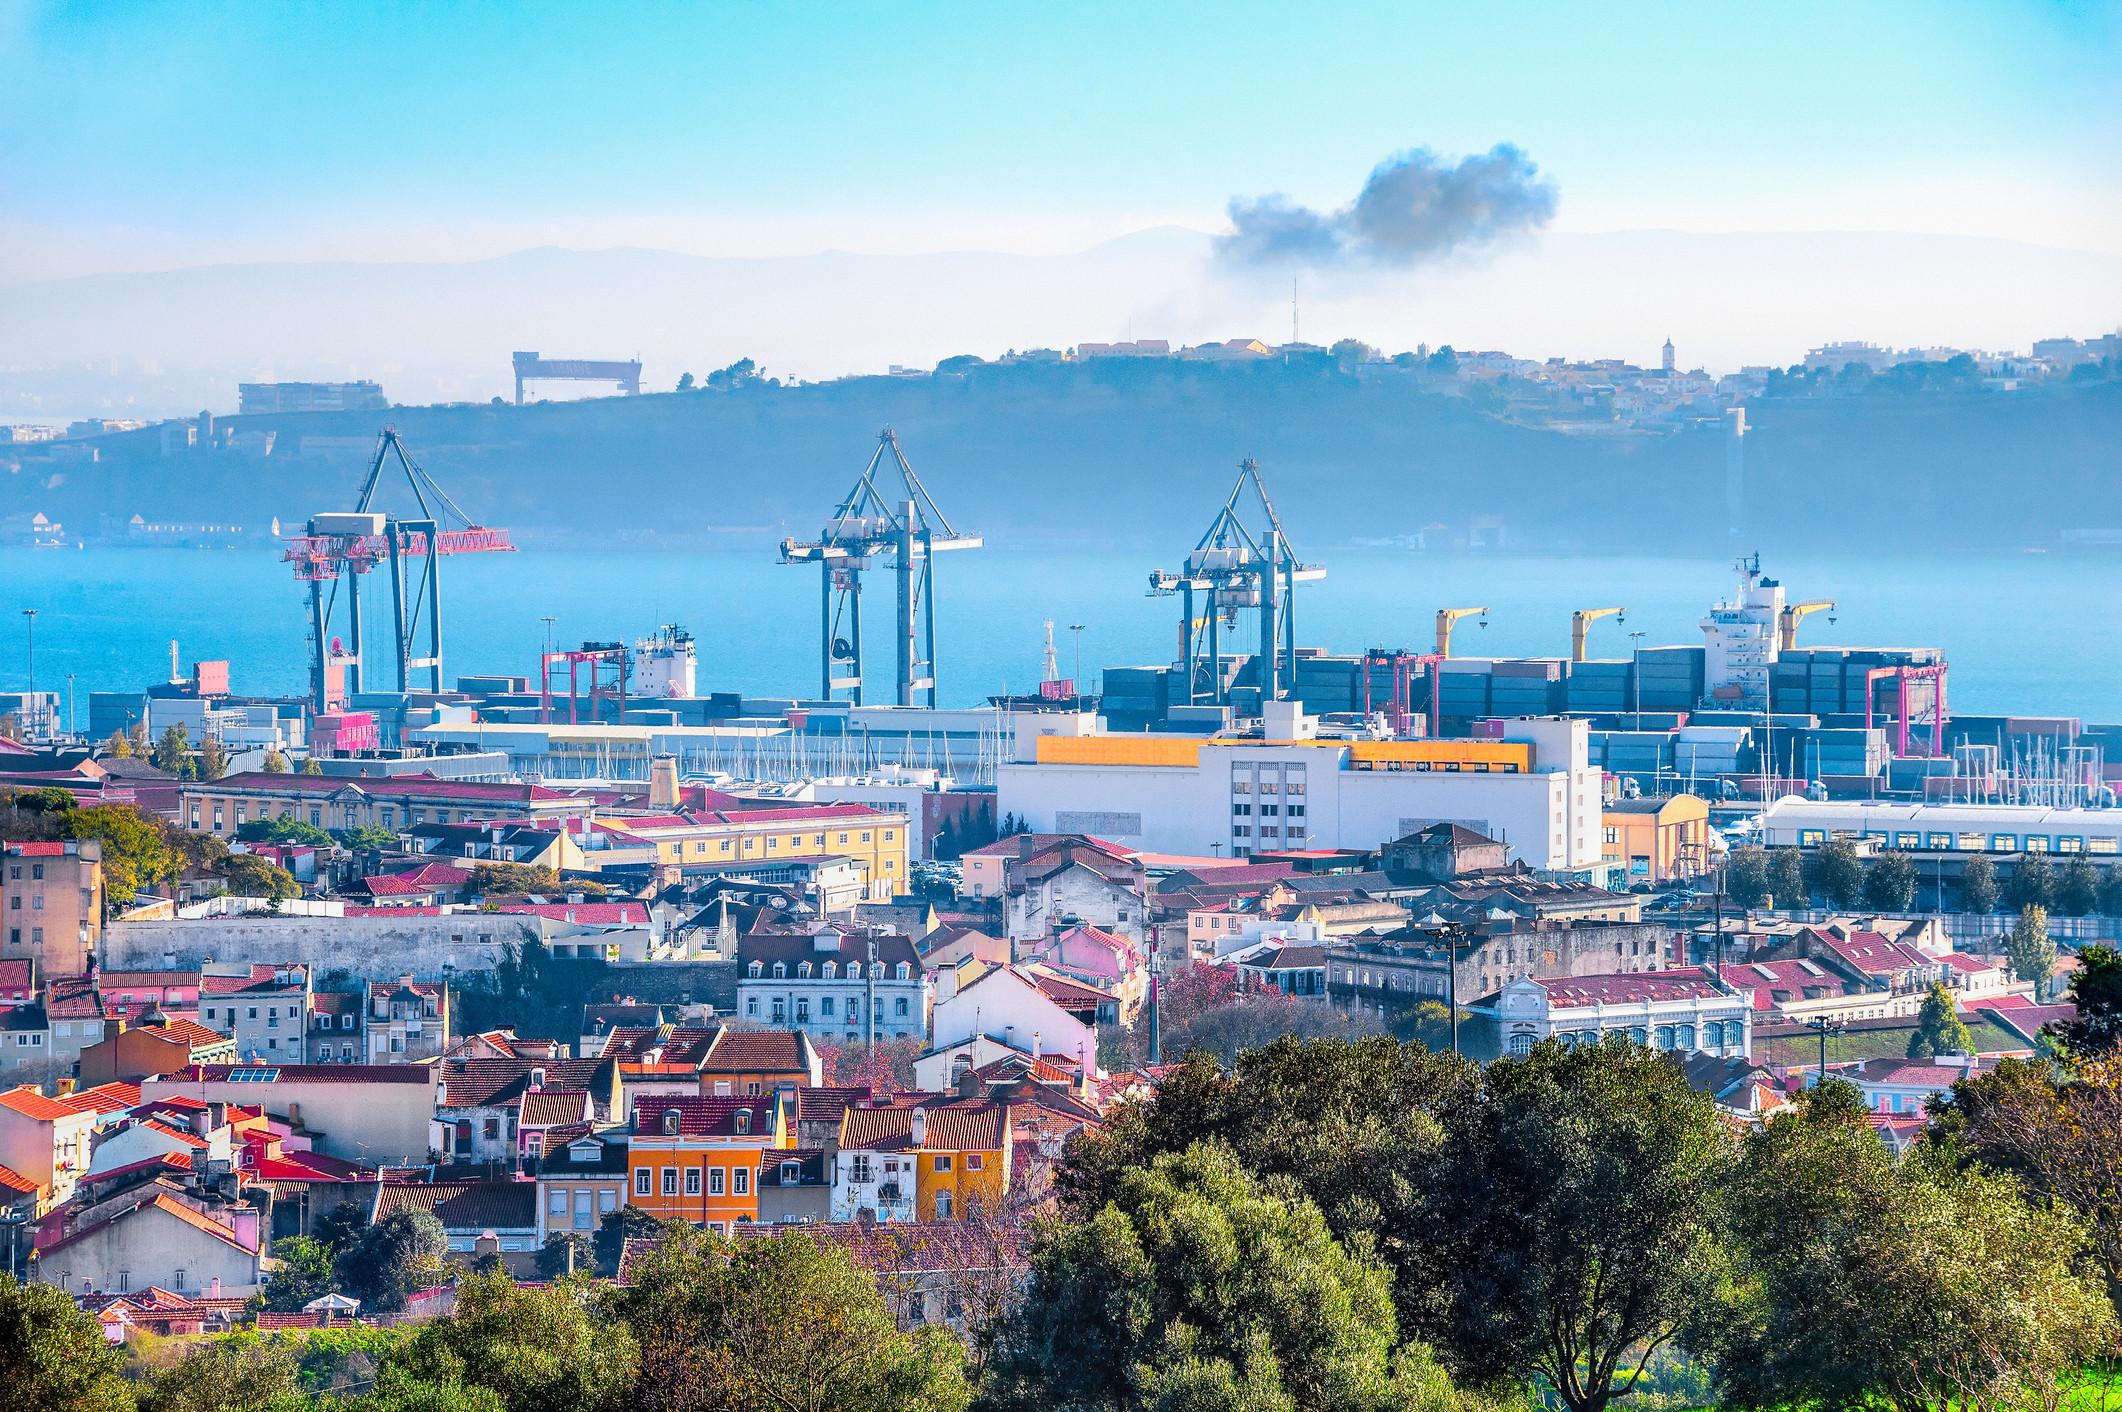 Confirmado: Proximidade com Lisboa aumenta preços das casas em Almada